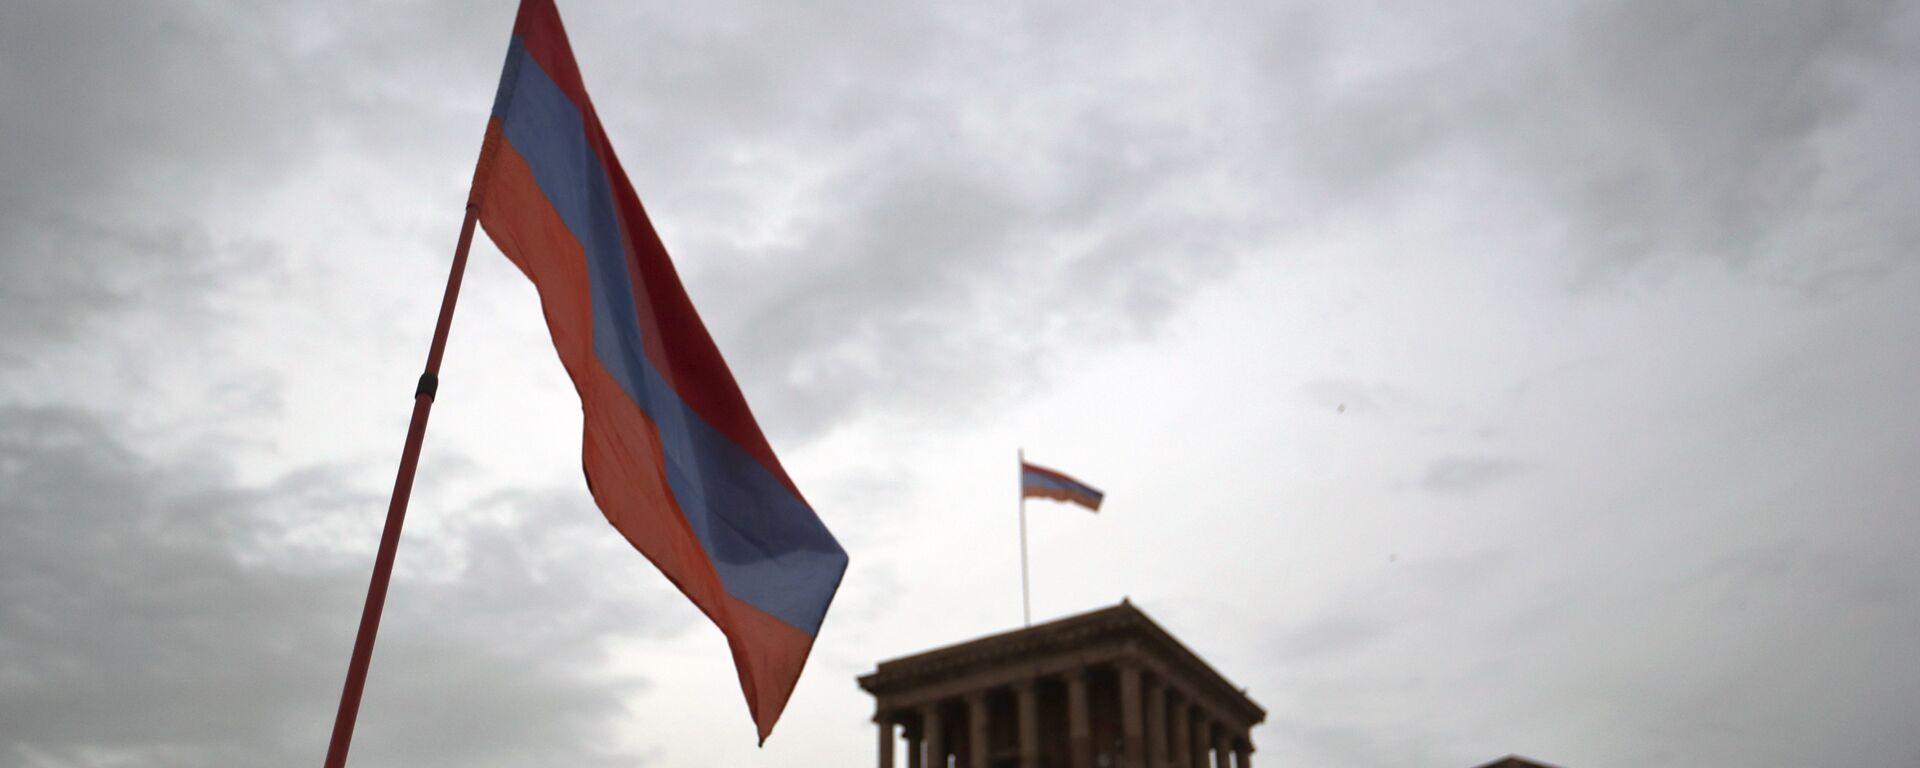 Bandera de Armenia - Sputnik Mundo, 1920, 18.02.2021